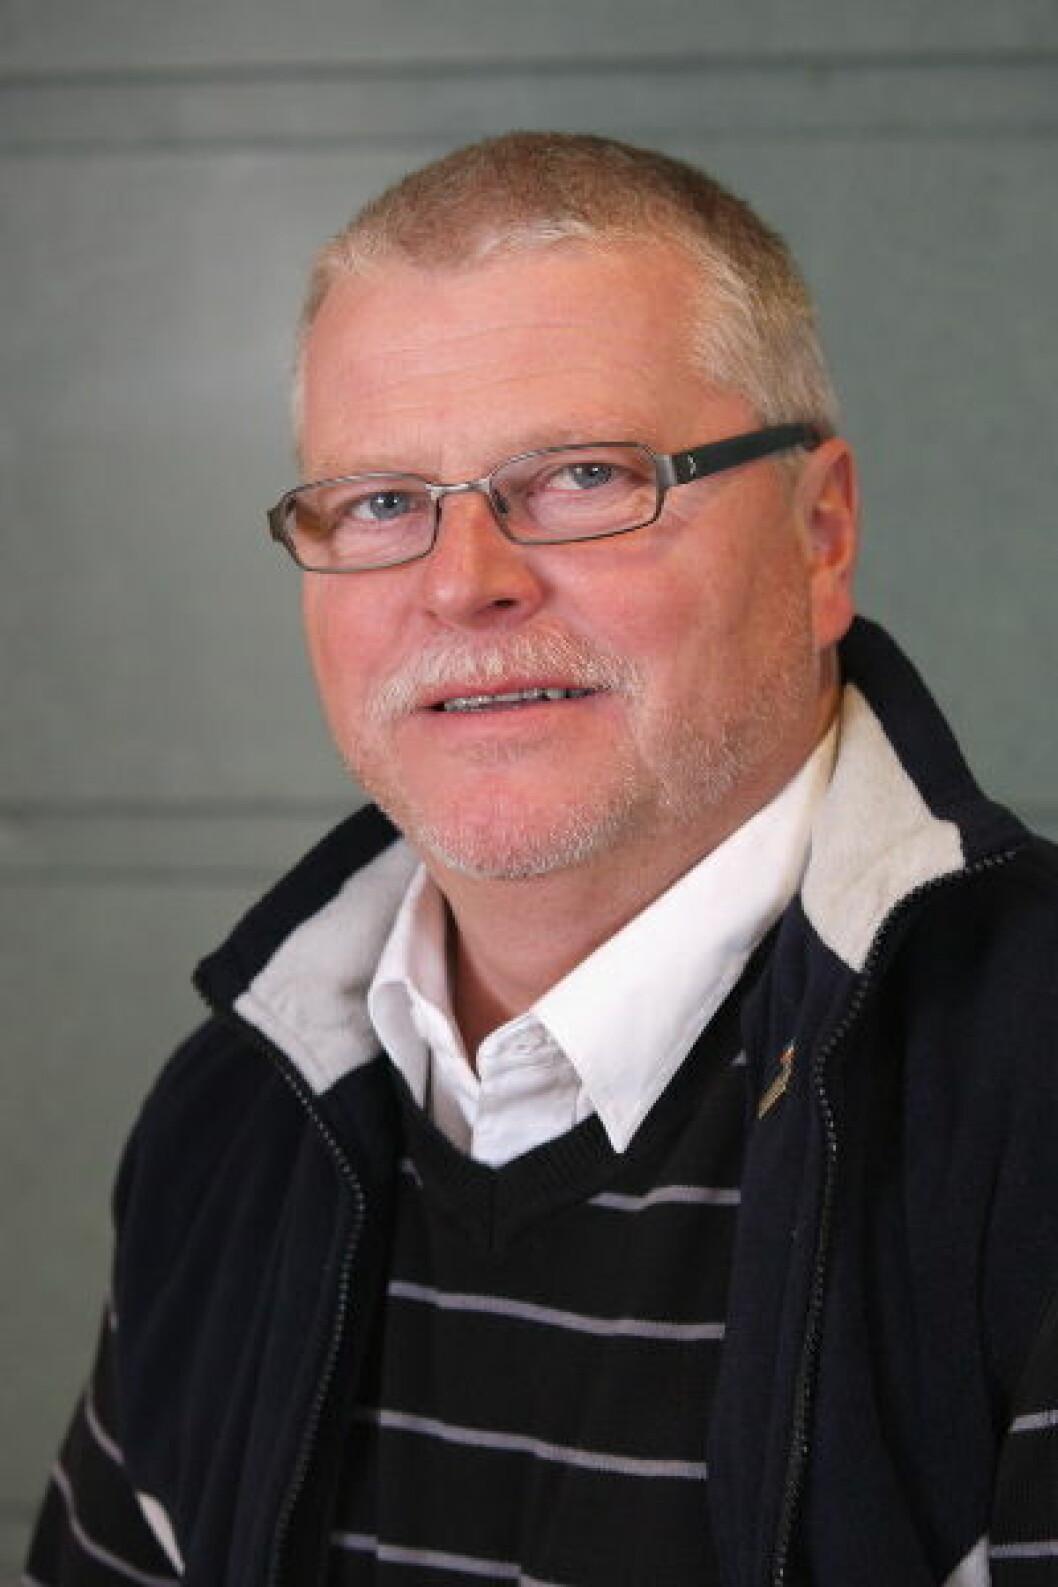 Svein Magnus Gjønvik nett